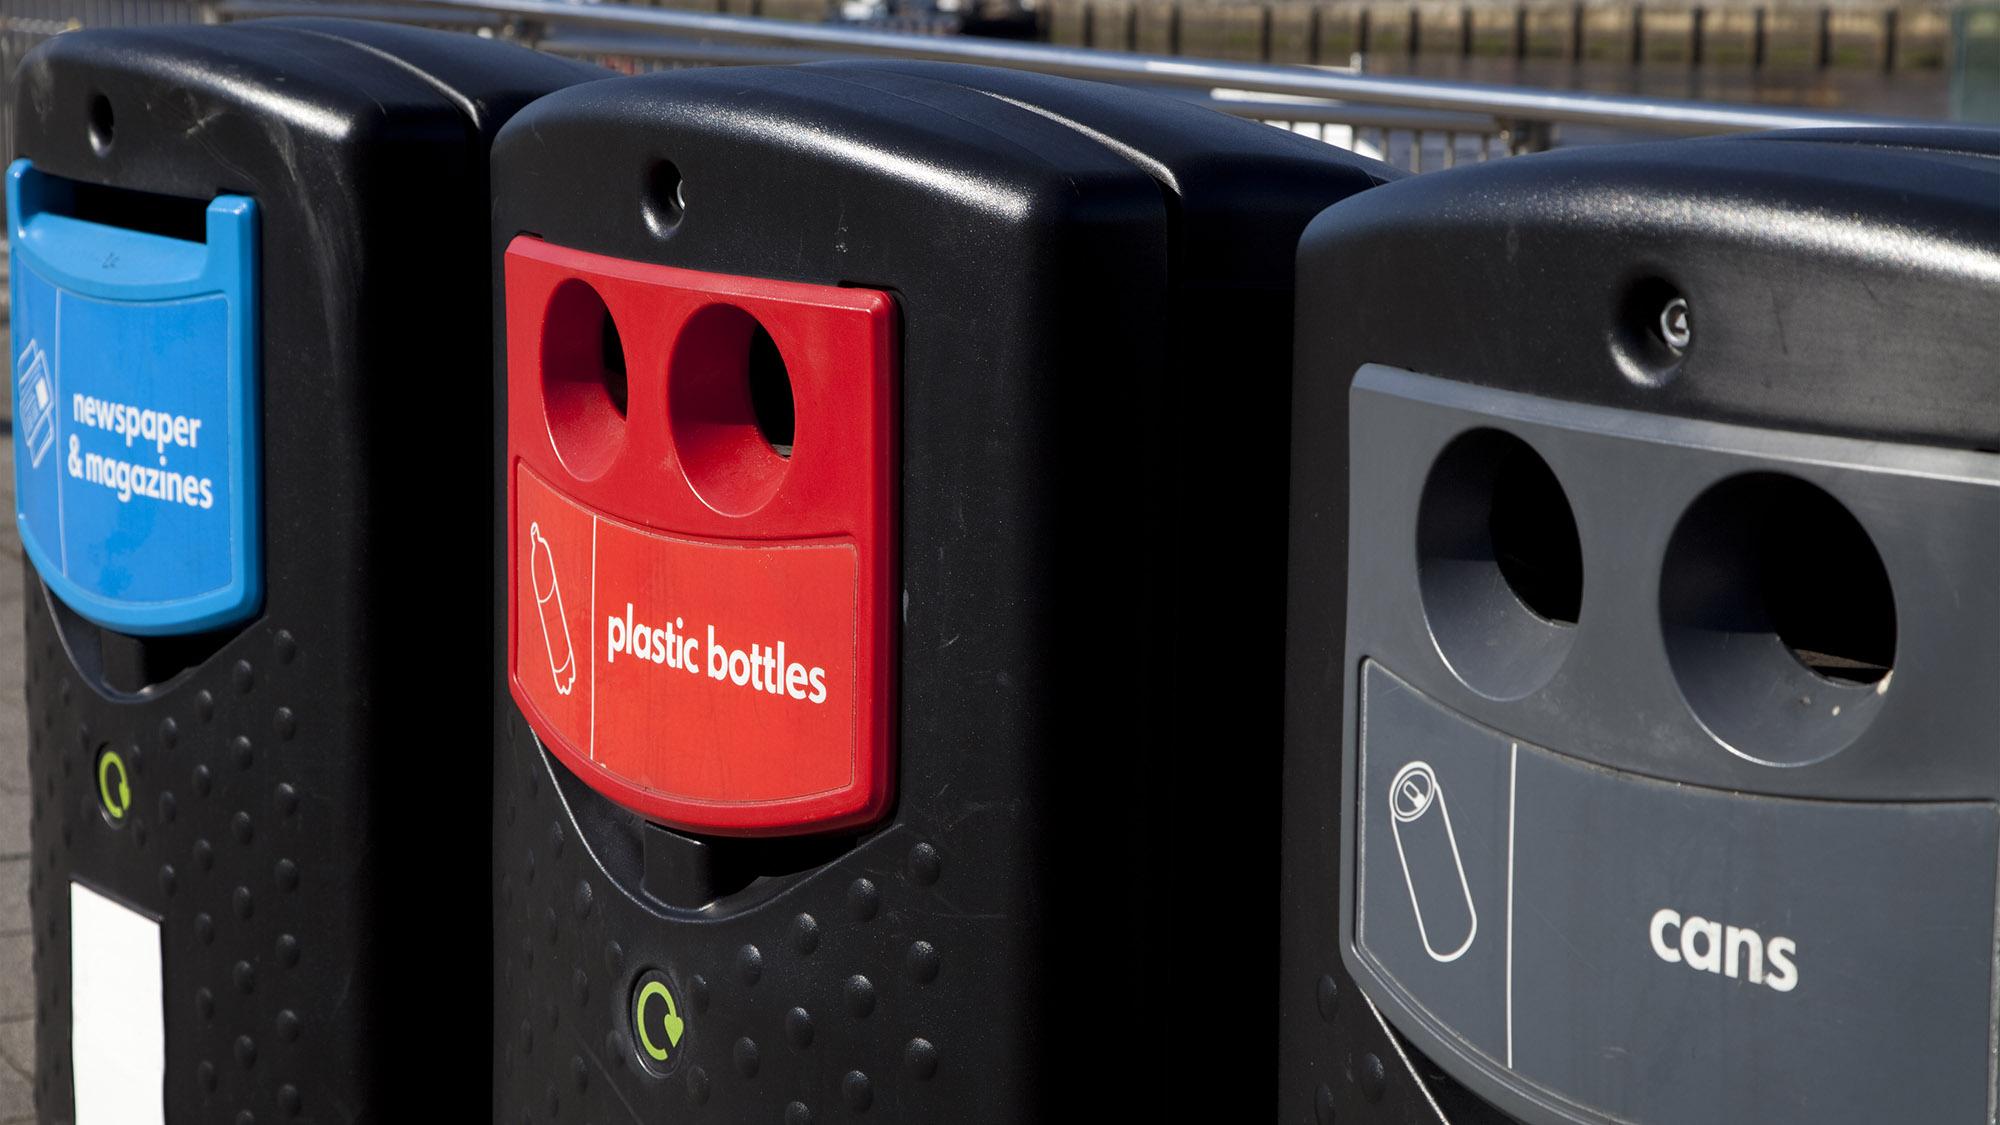 Recycling bins 478872217 UK CW